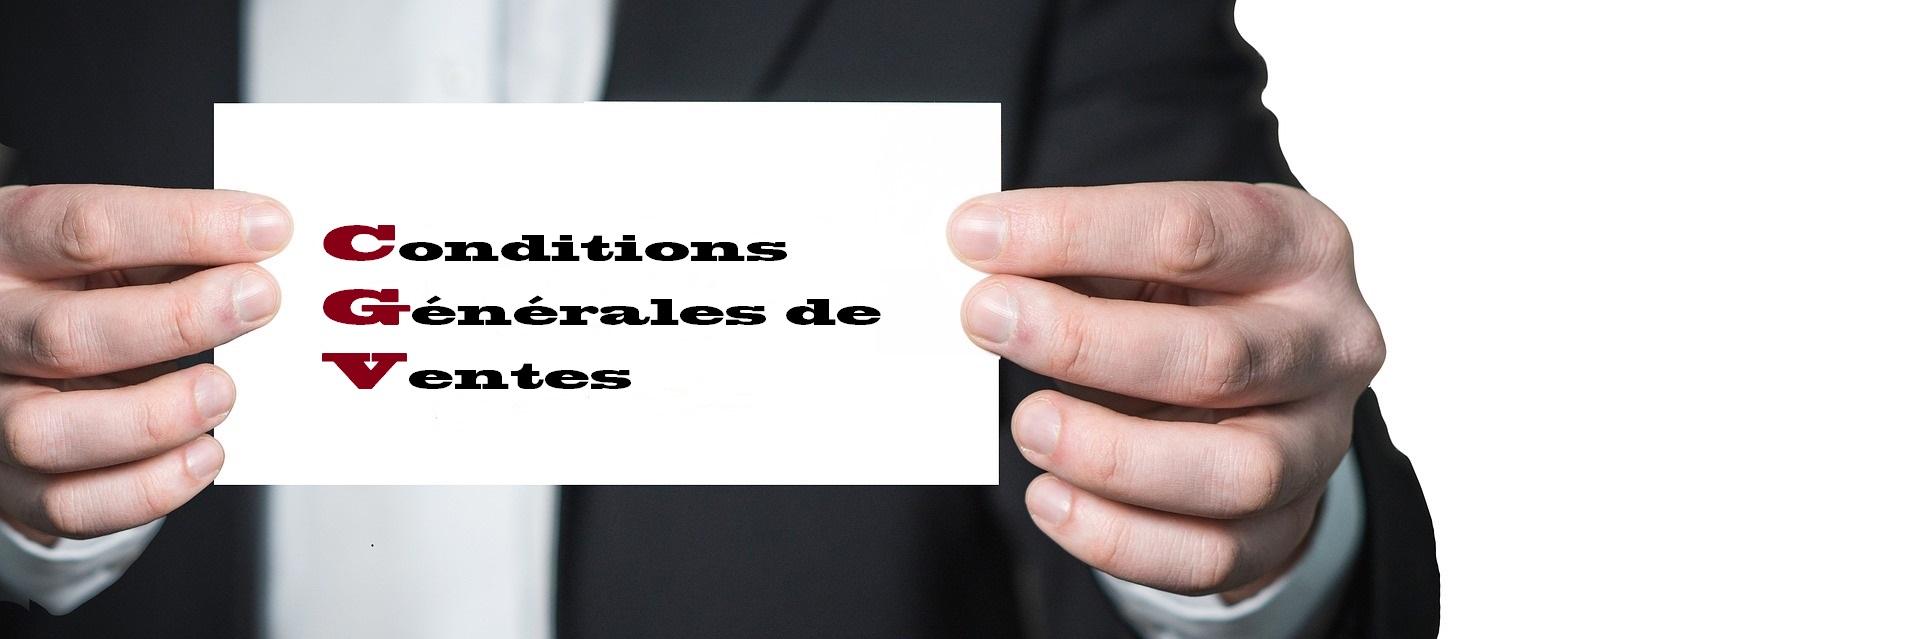 Nénuph'Arts CGV Conditions générales de vente - dentelle de béton - Gironde